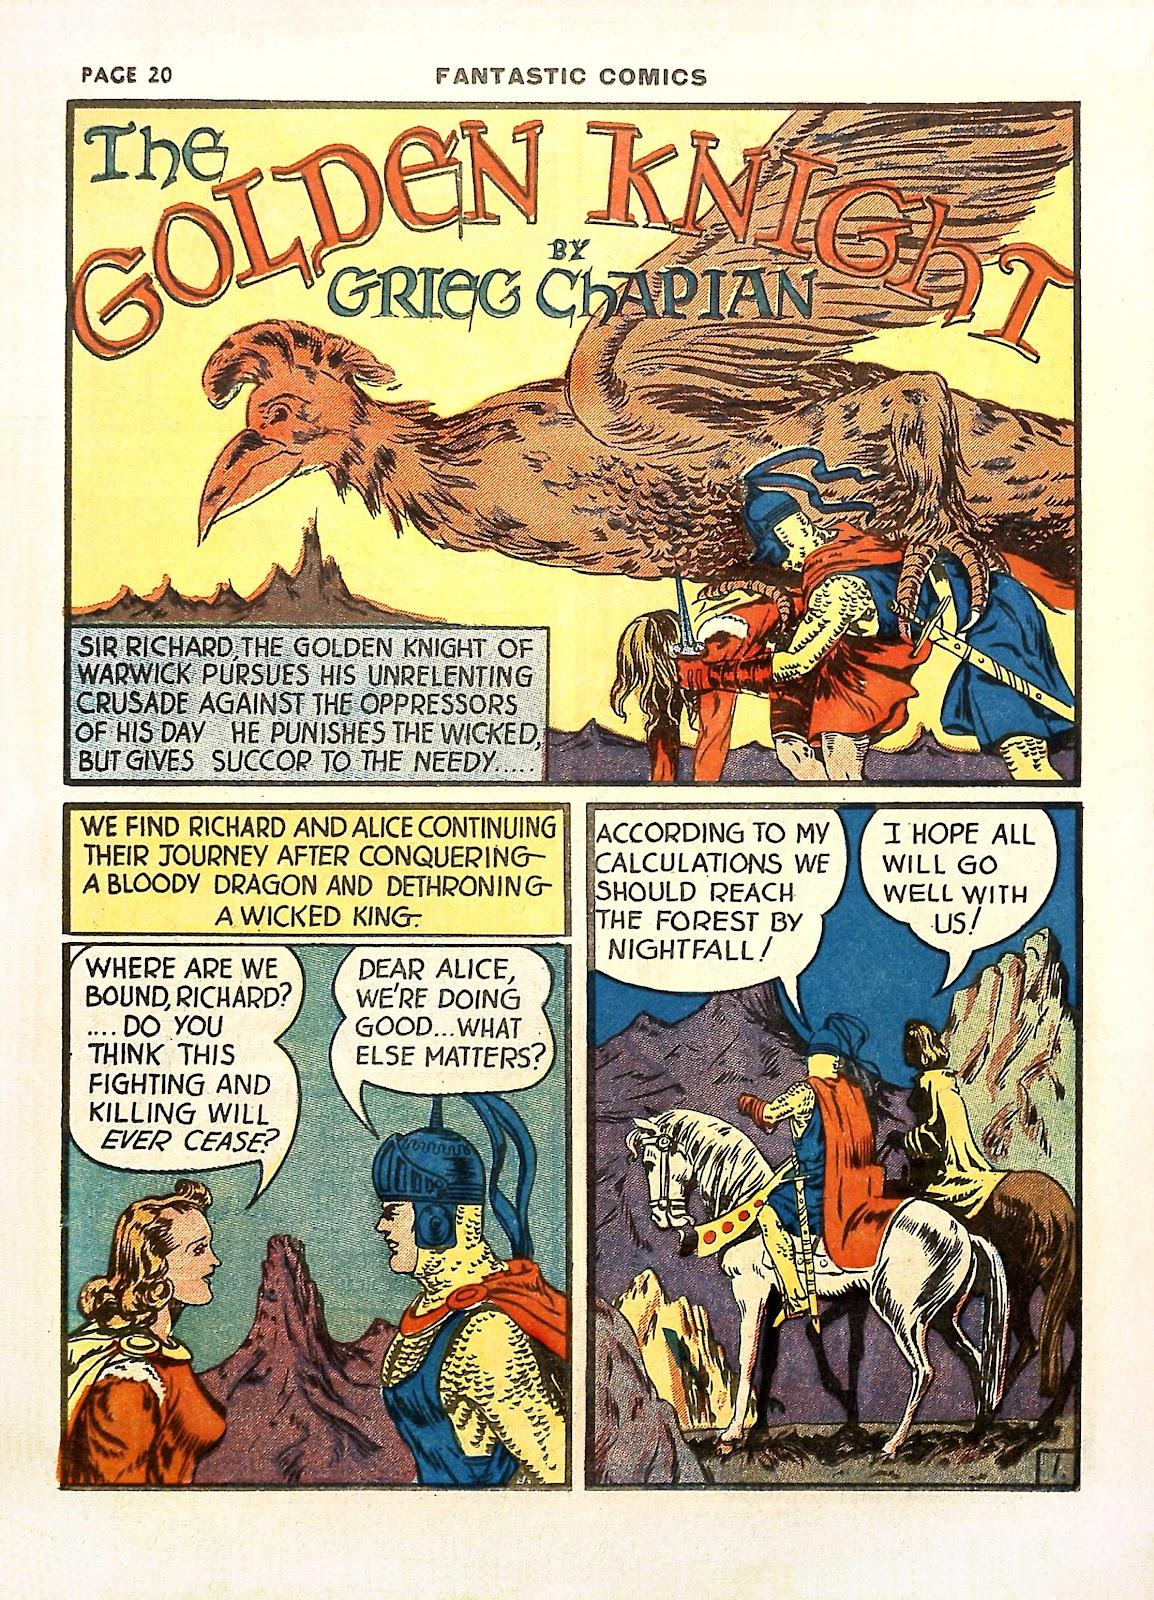 Read online Fantastic Comics comic -  Issue #11 - 23